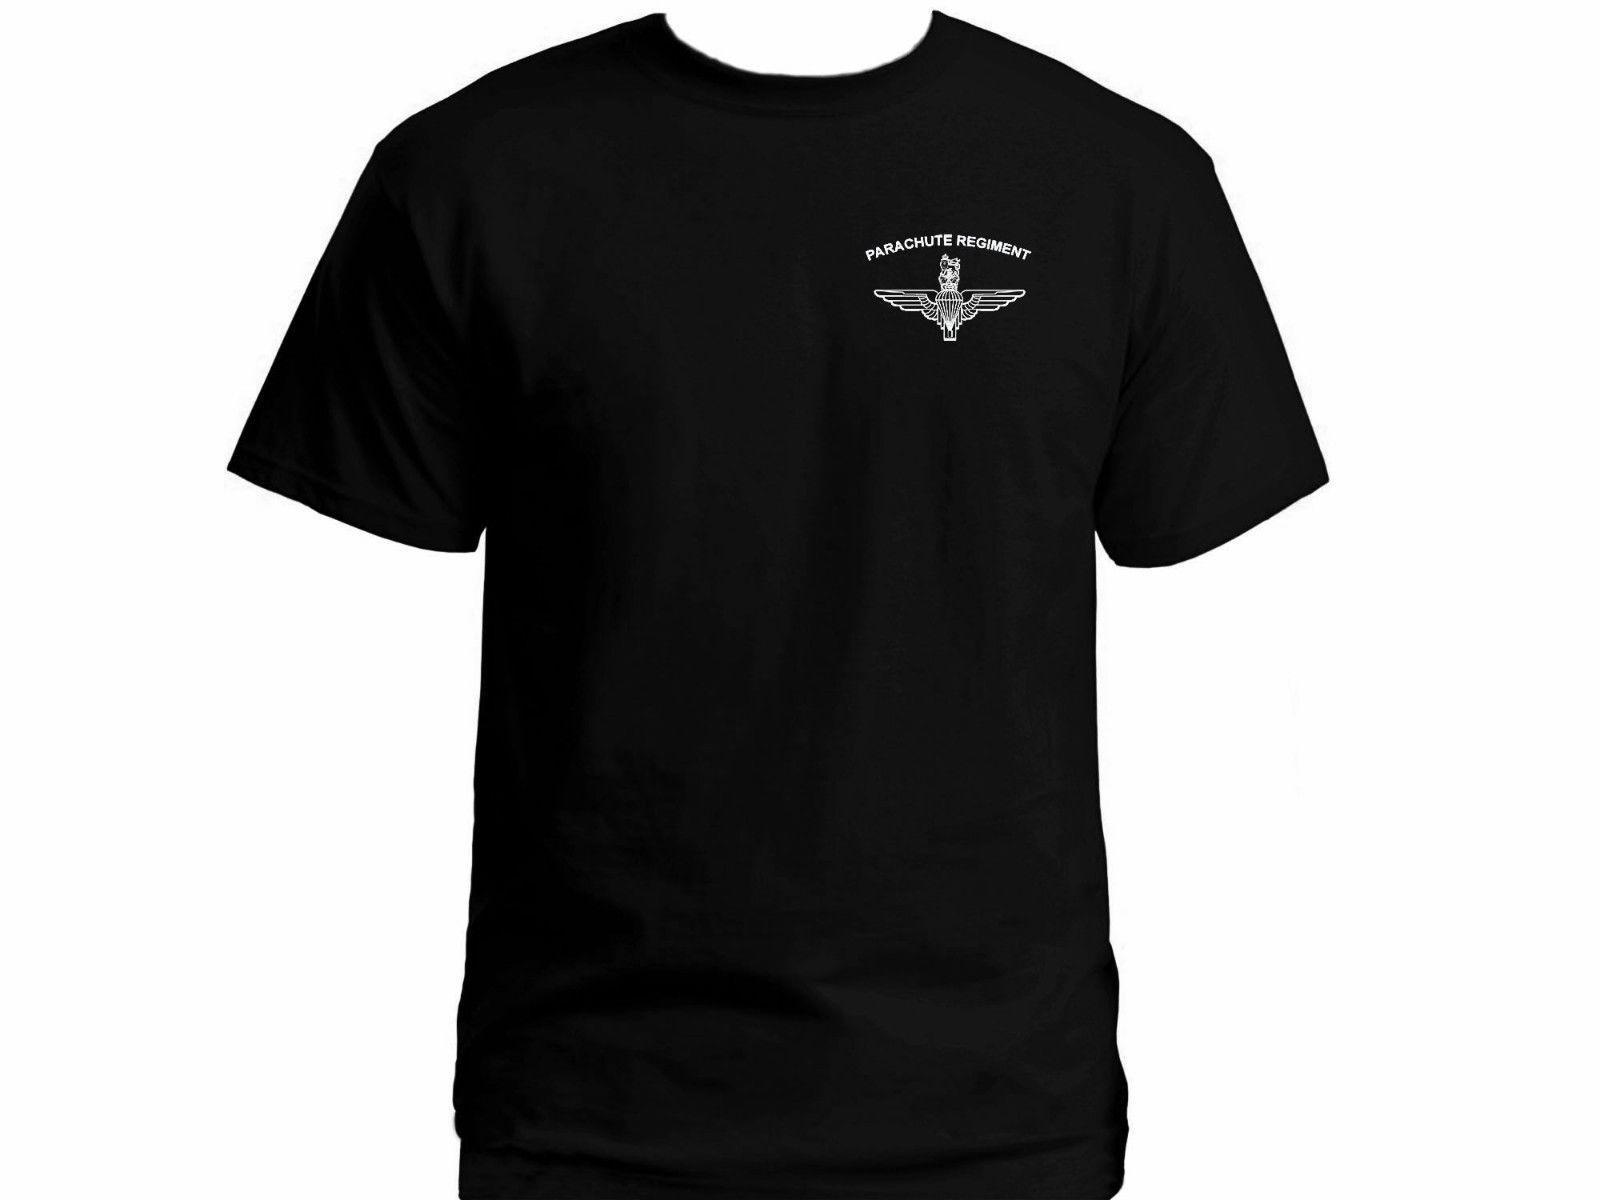 UK special forces Parachute Regiment Paras black graphic military t-shirt